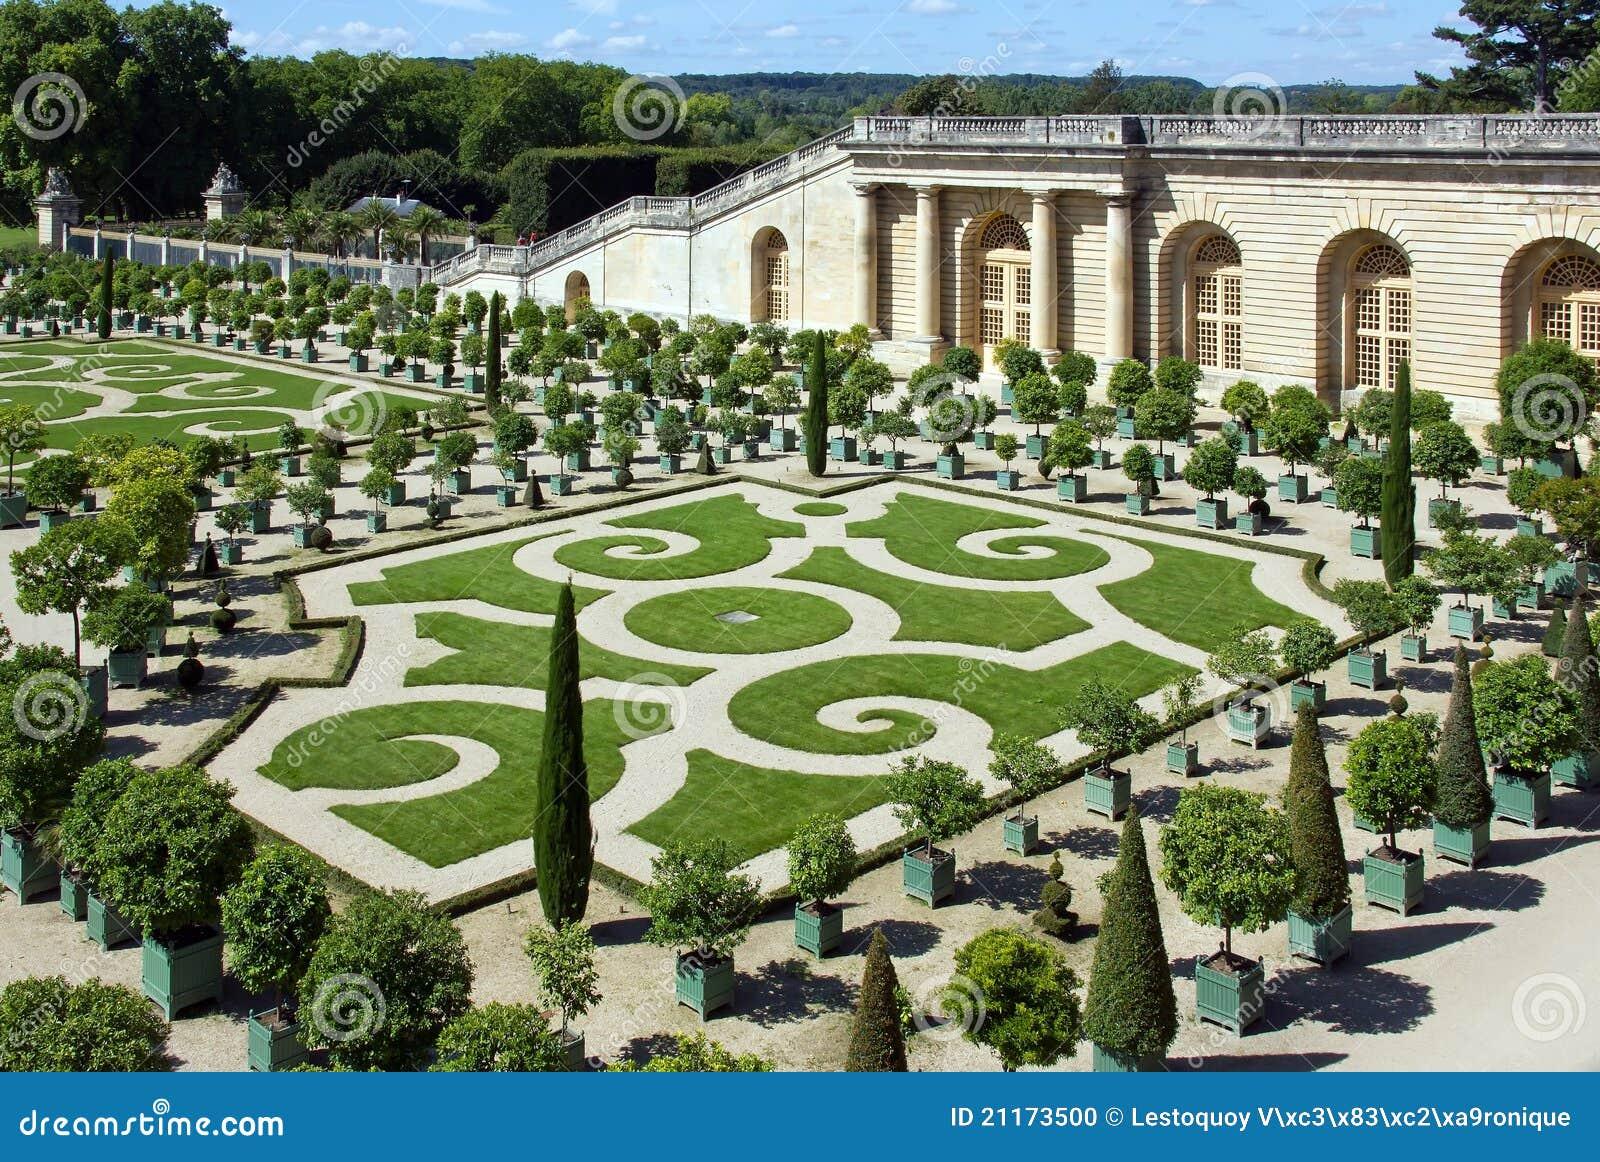 Paleis Van Versailles Tuin.Tuin Van Het Kasteel Van Versailles Frankrijk Stock Foto